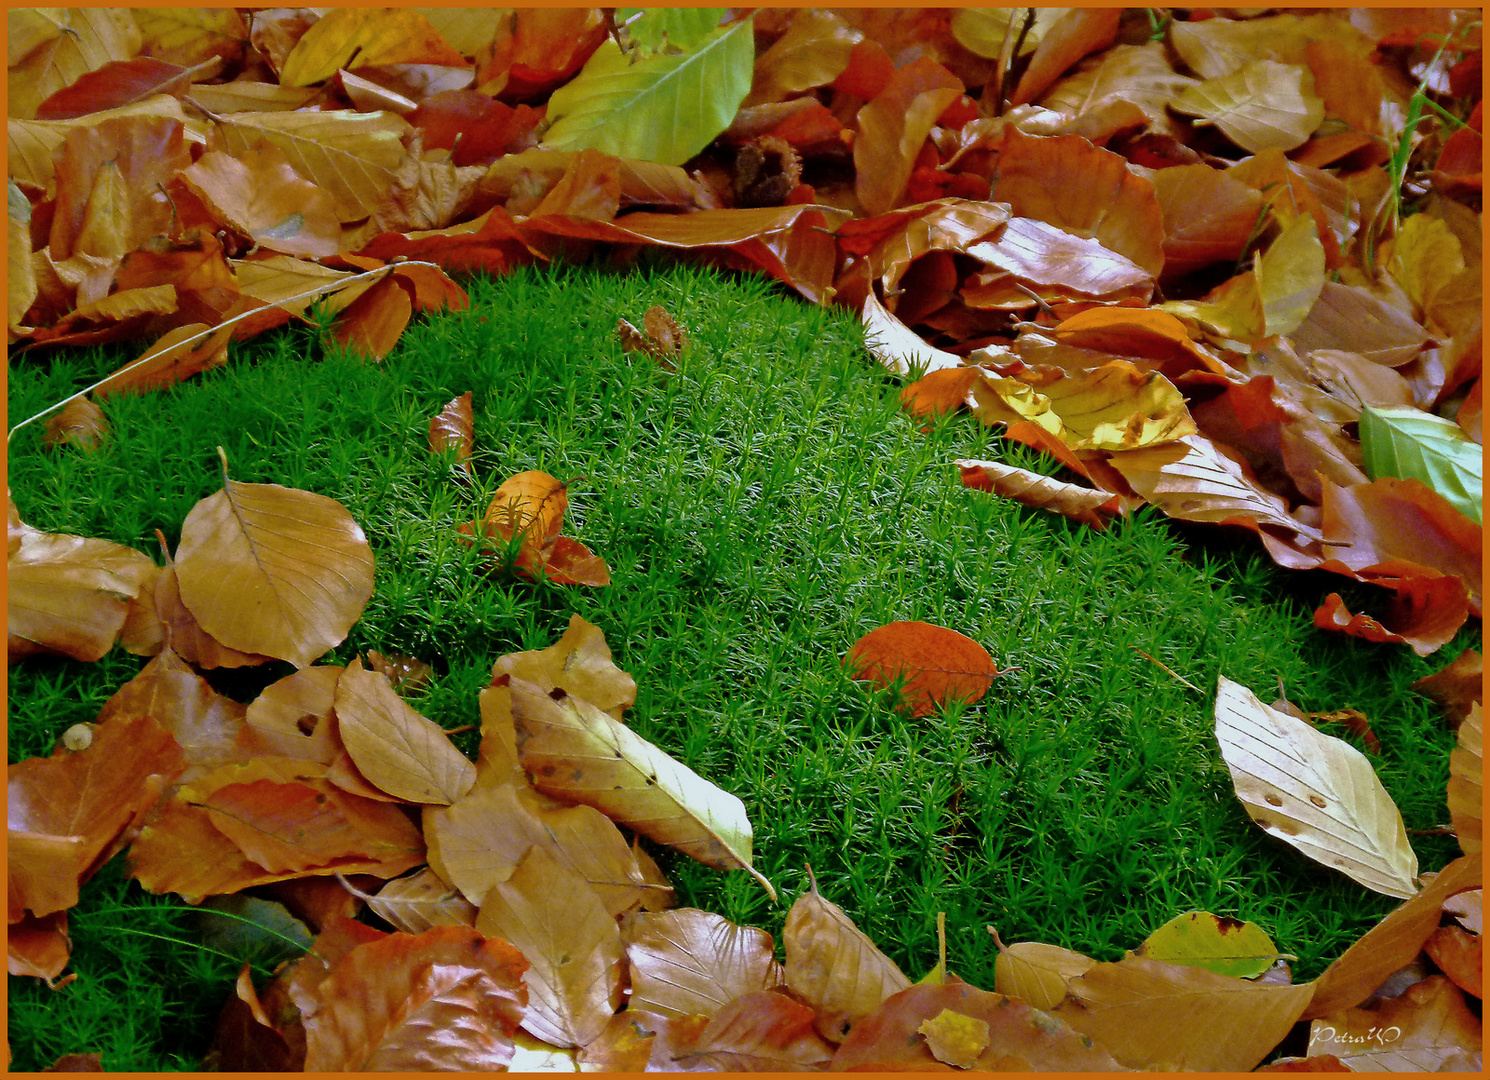 Trockene Blätter und saftiges Moos